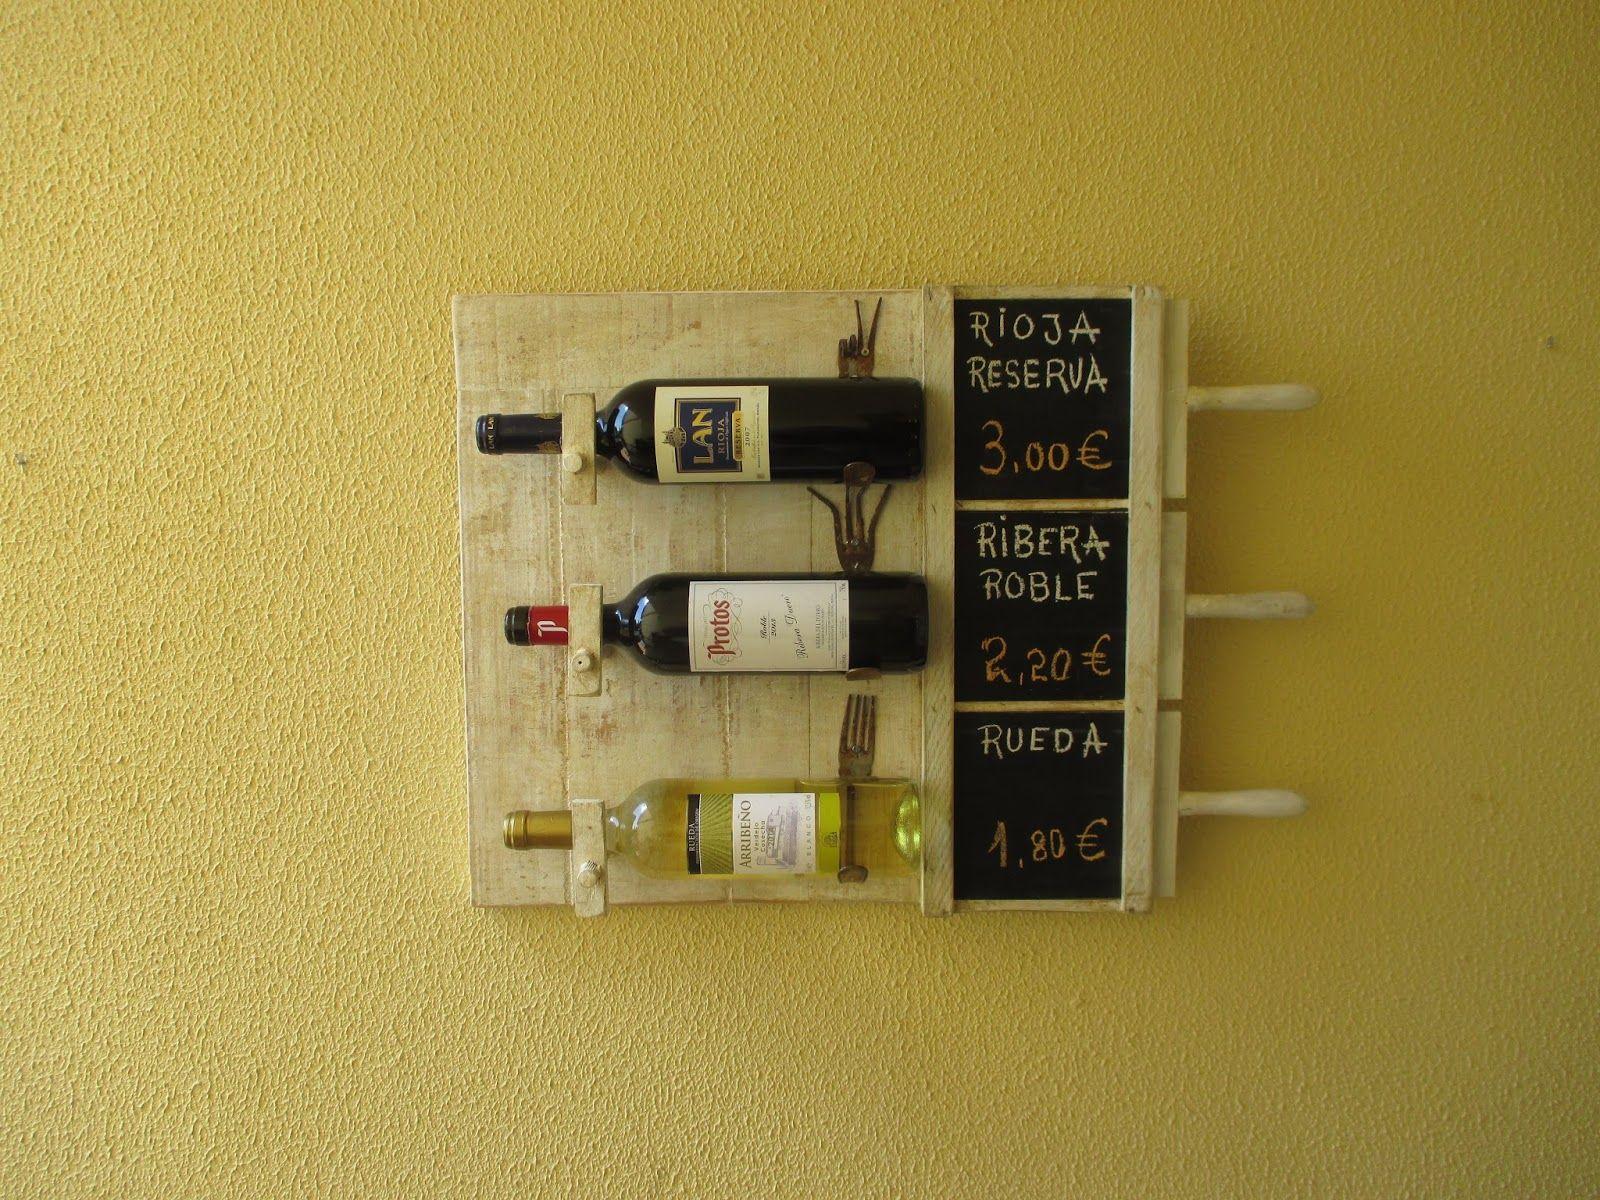 Pizarras de tiza para publicidad en hostelería,bares,restaurantes,casas turismo rural,comercio o incluso en la cocina de nuestra casa.